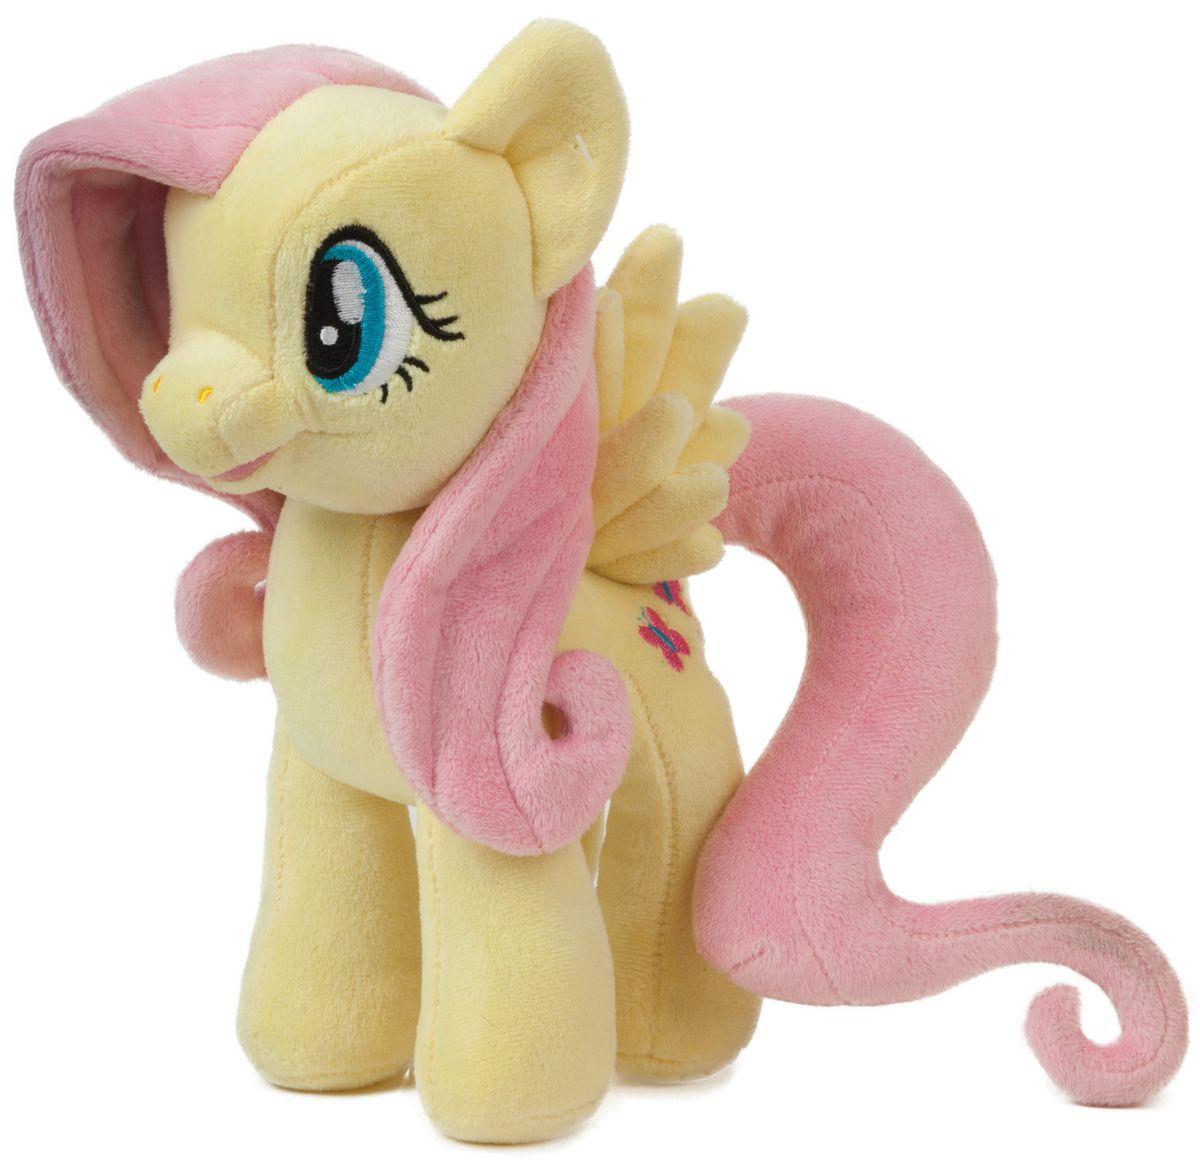 Мульти-Пульти Мягкая игрушка Пони ФлаттершайV27482/23Мягкая игрушка сама по себе ассоциируется с радостью и весельем, конечно, и для наших детей такой подарок станет поистине незабываемым. Забавные, добрые мягкие игрушки радуют детей с самого рождения. Ведь уже в первые месяцы жизни ребенок проявляет интерес к плюшевым зверятам и необычным персонажам. Сначала они помогают ему познавать окружающий мир через тактильные ощущения, знакомят его с животным миром нашей планеты, формируют цветовосприятие и способствуют концентрации внимания.